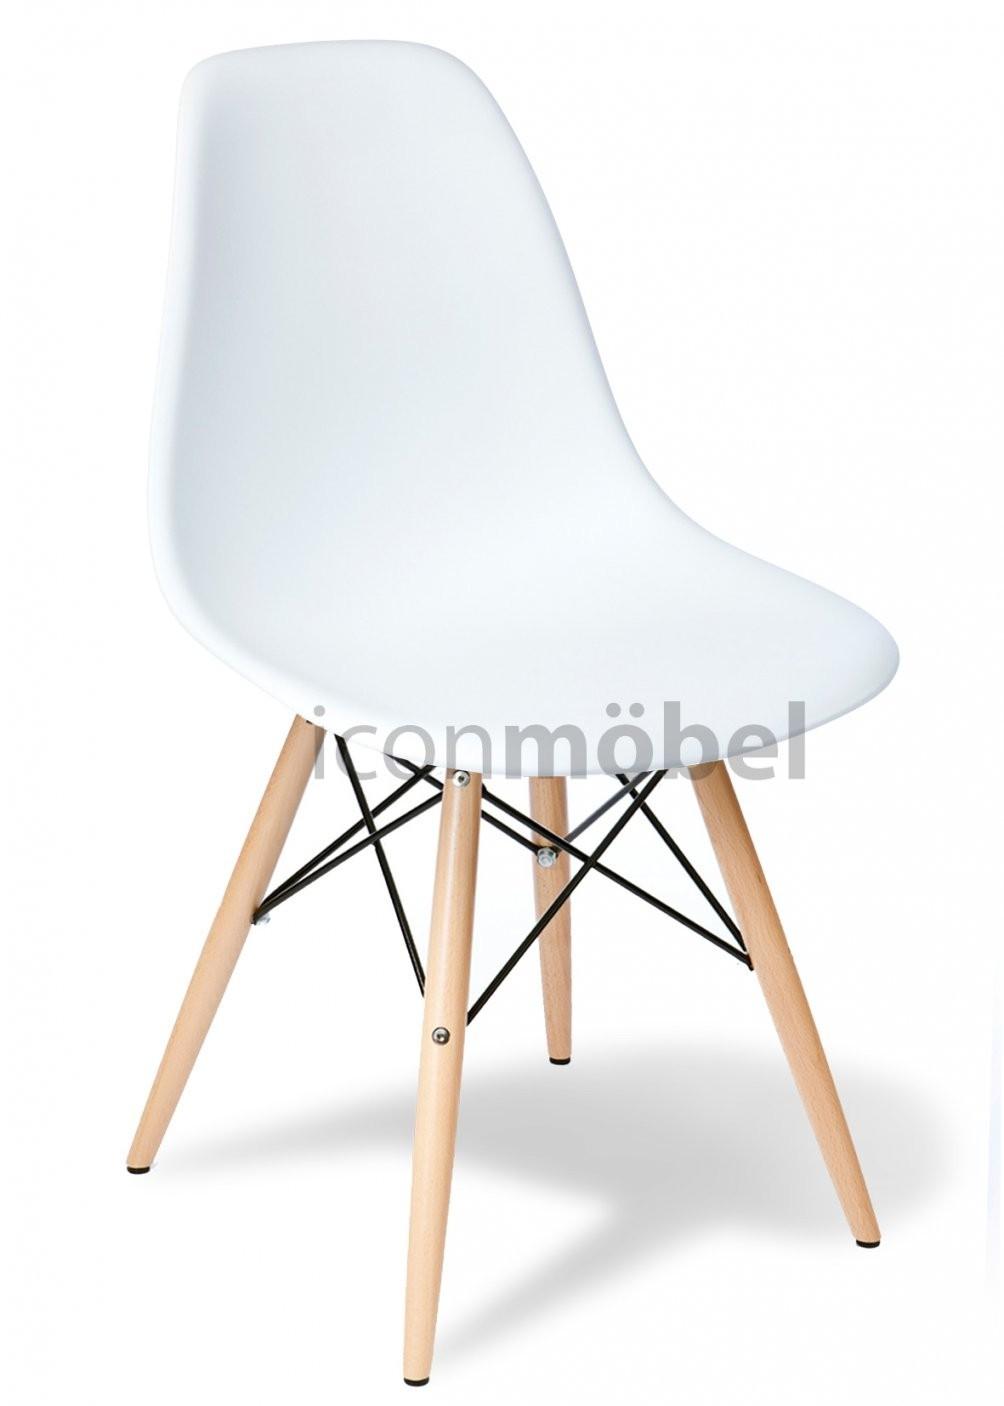 Stuhl Eames Dsw Style  Iconmöbel  Designermöbel Und Designerstühle von Stühle Skandinavischer Stil Bild